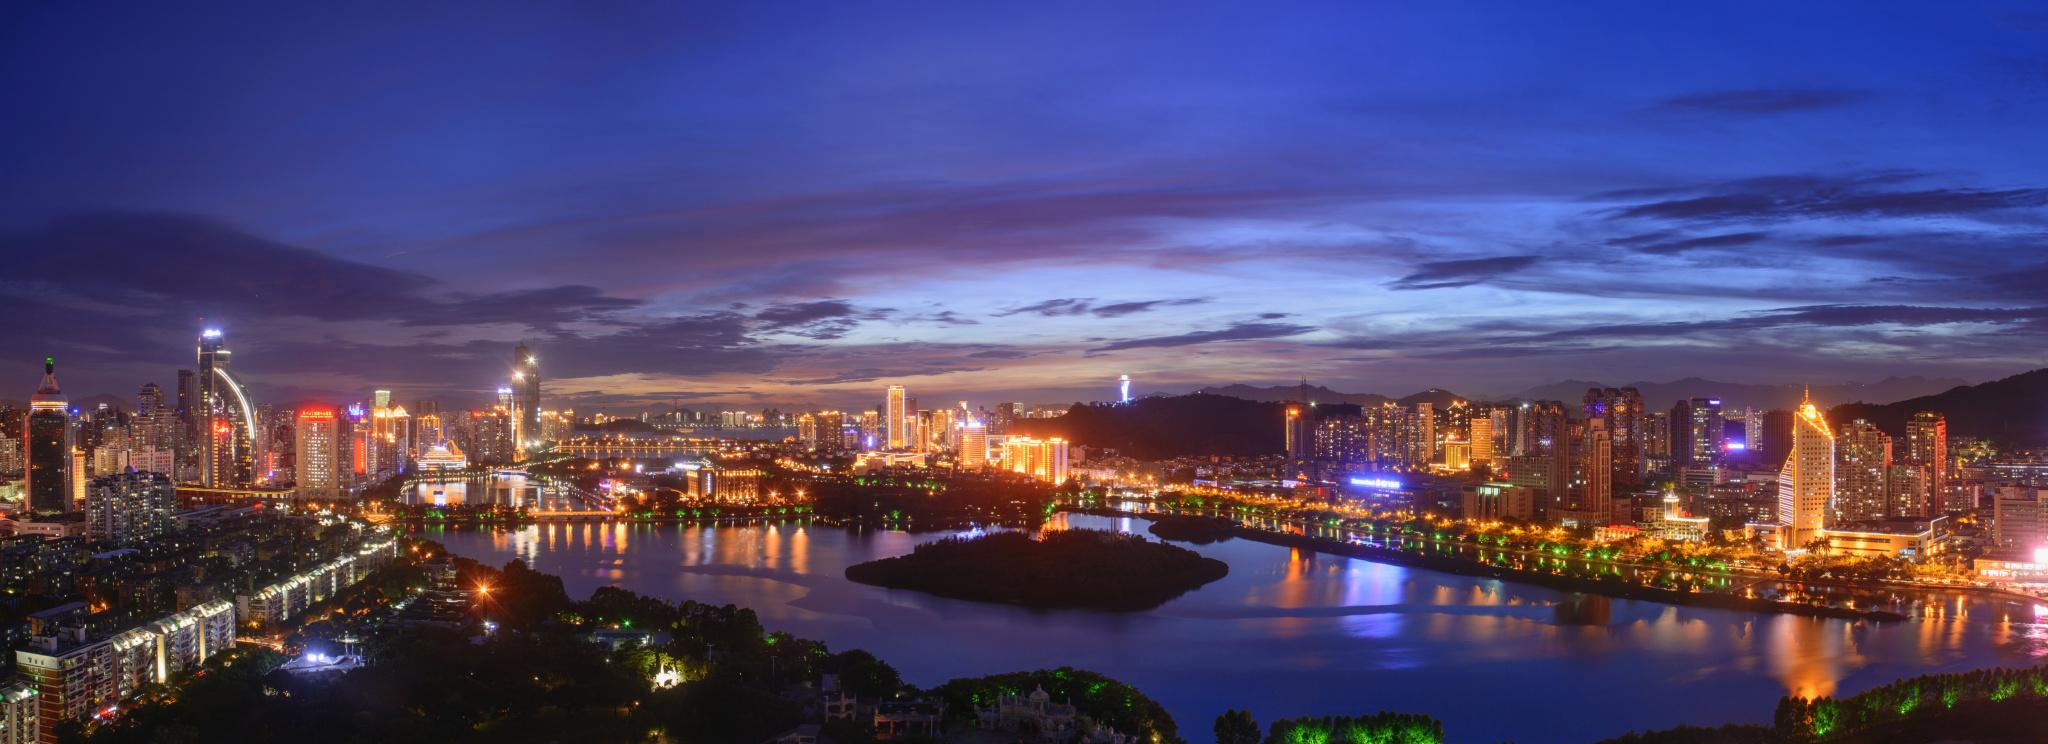 香港游记攻略_厦门图片大全_厦门风景图片/景点照片/旅游摄影【驴妈妈攻略】